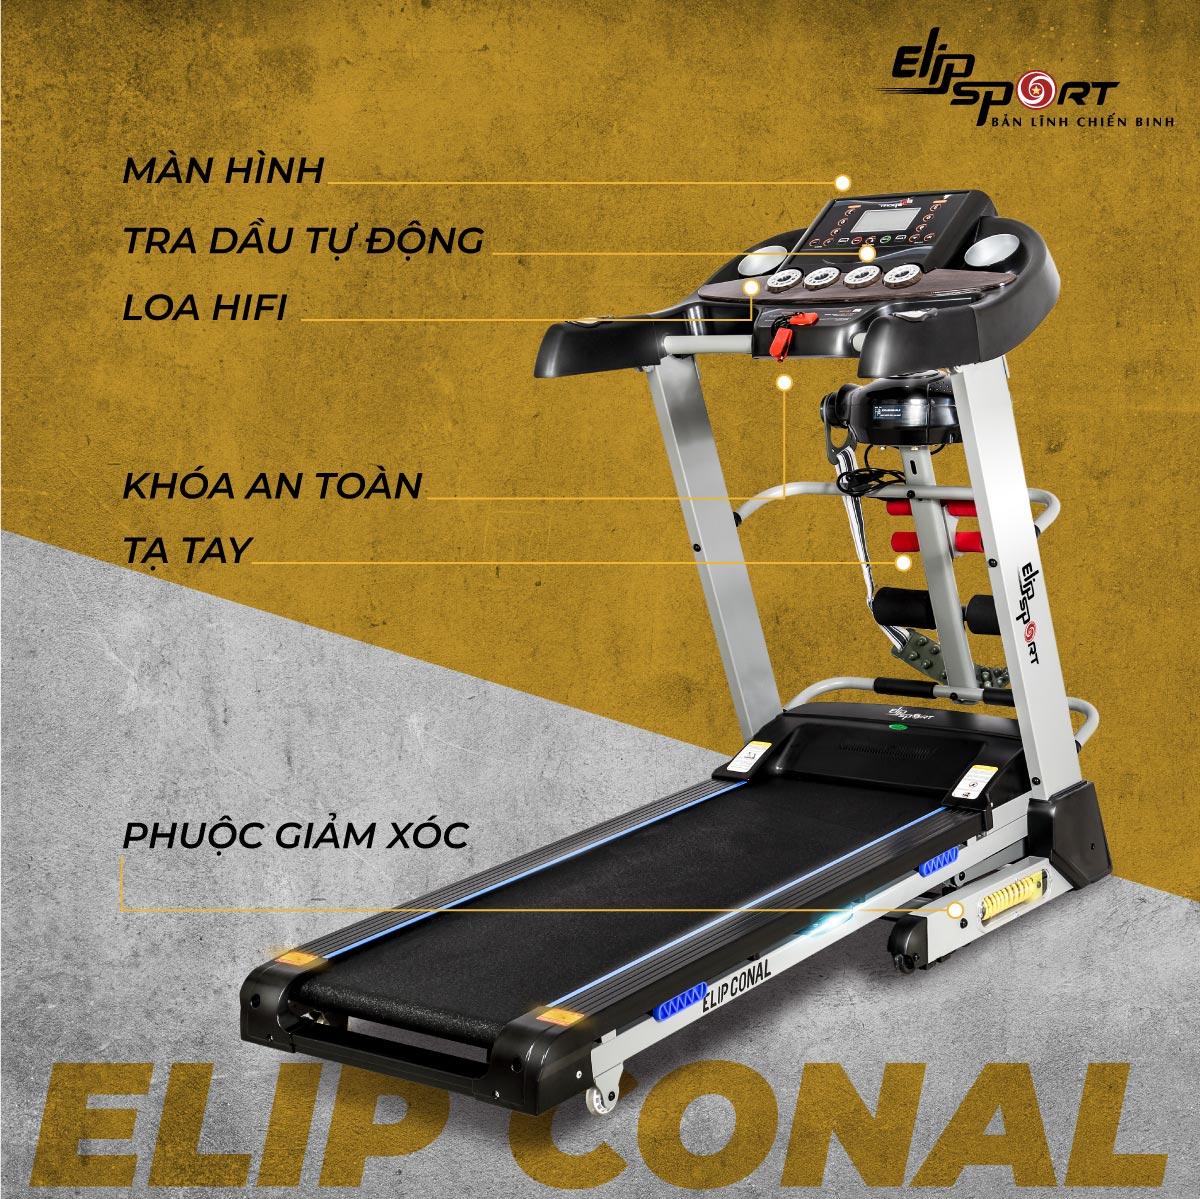 Máy chạy bộ ELIP Conal đa năng